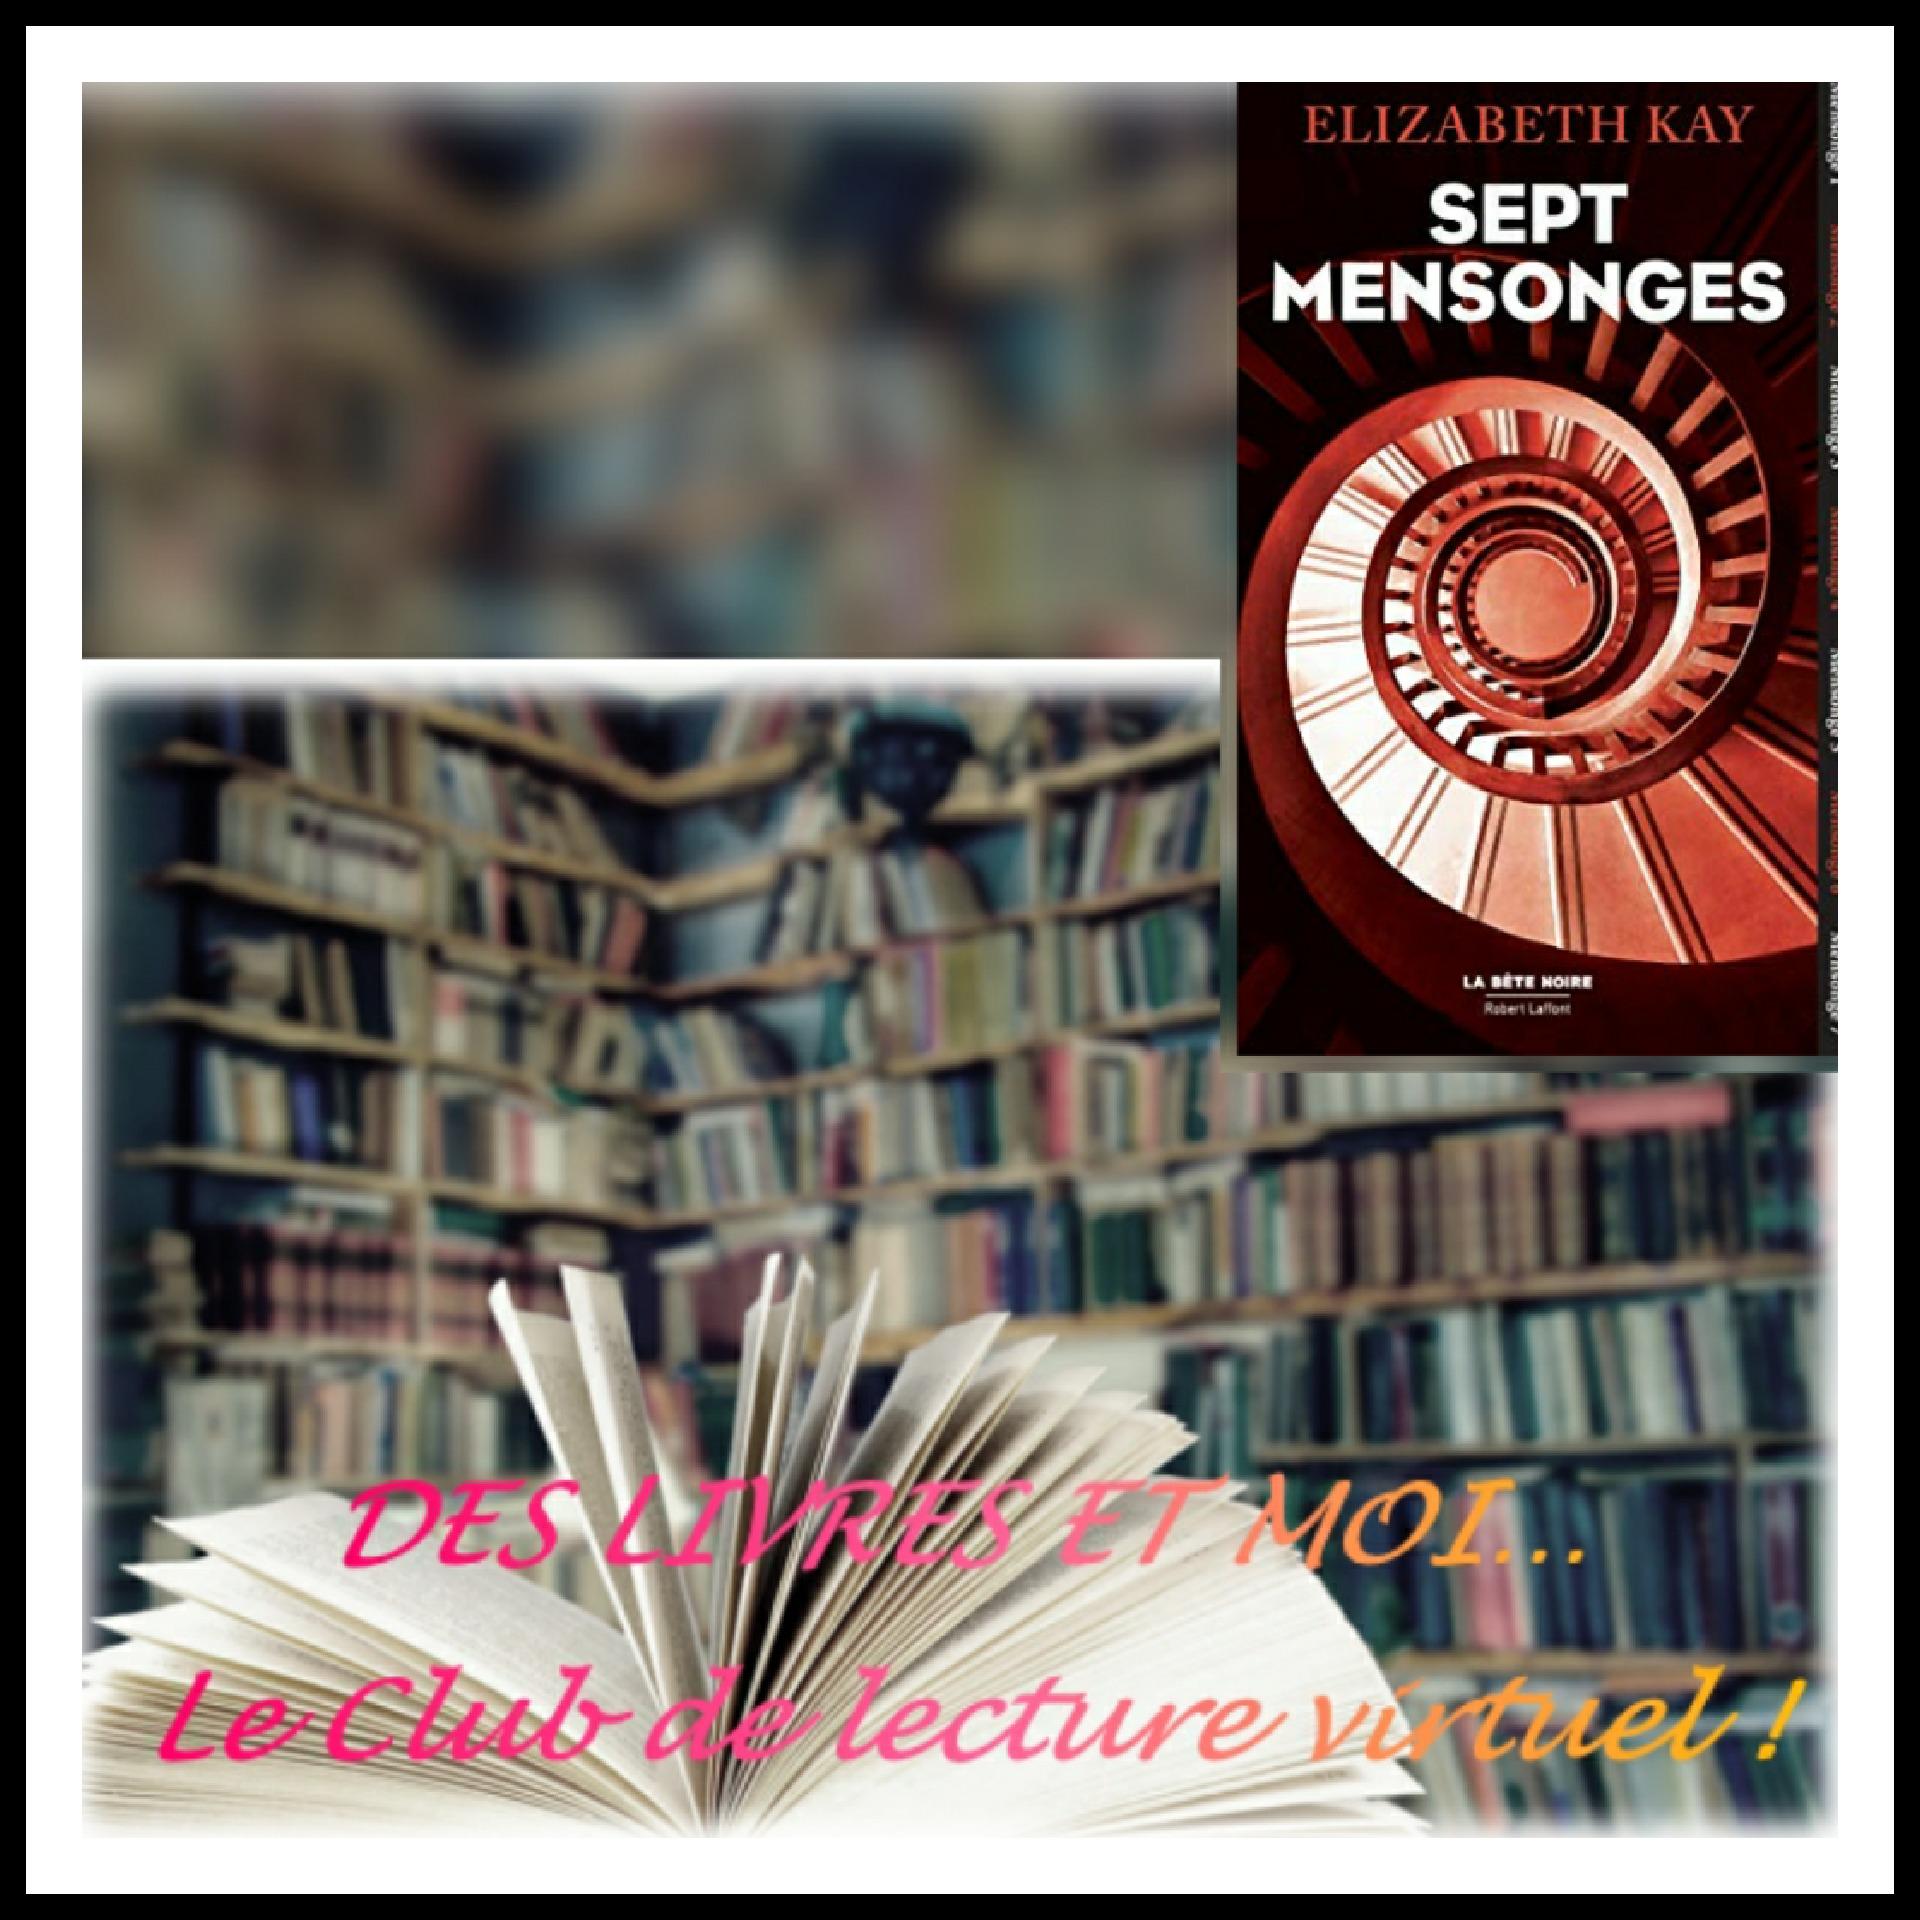 Septembre est arrivé… Le Club de Lecture Virtuel fait sa rentrée !